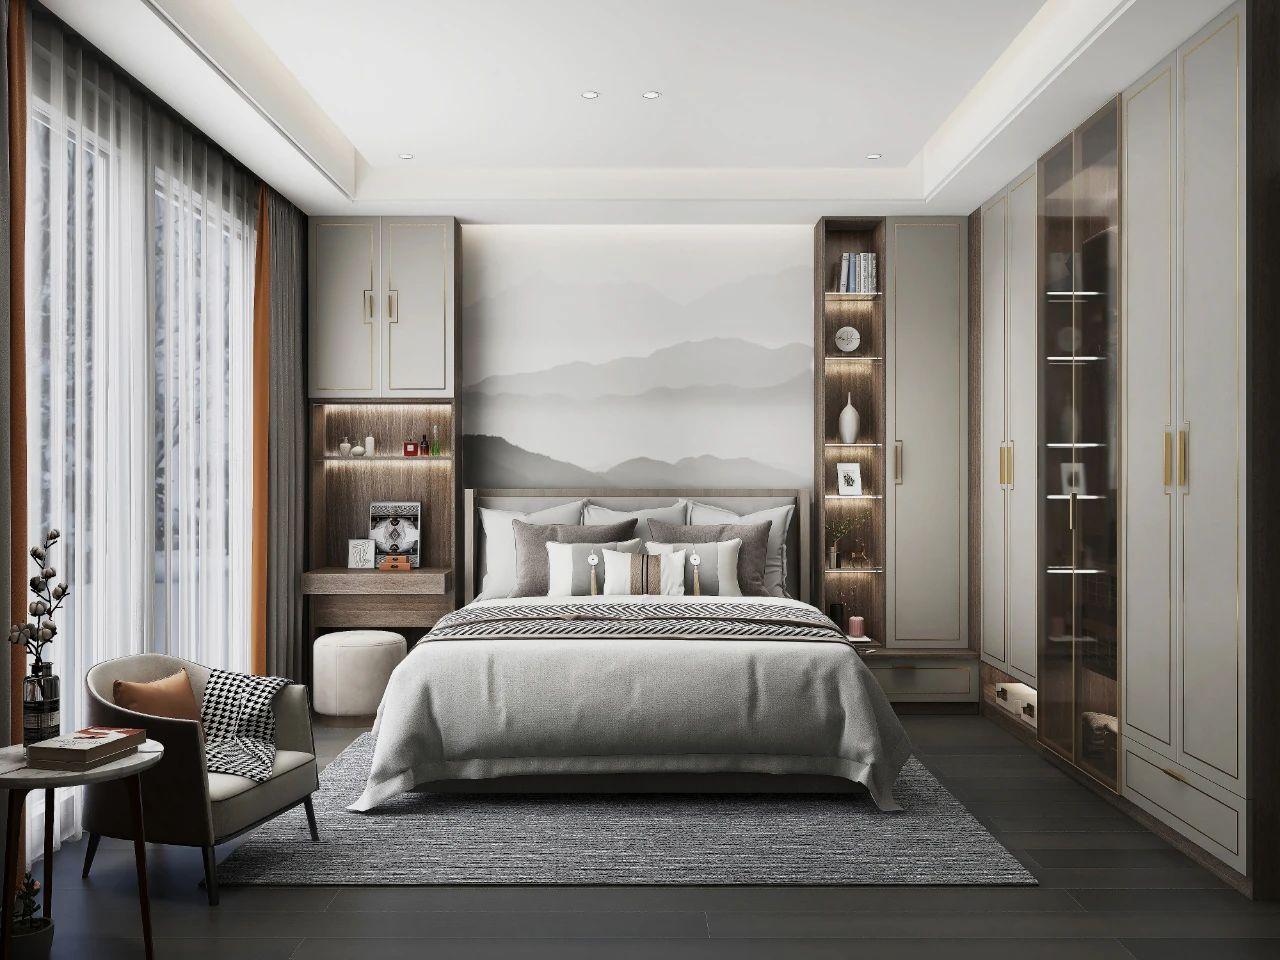 新中式家居还能这样设计,海尔全屋家居令人耳目一新